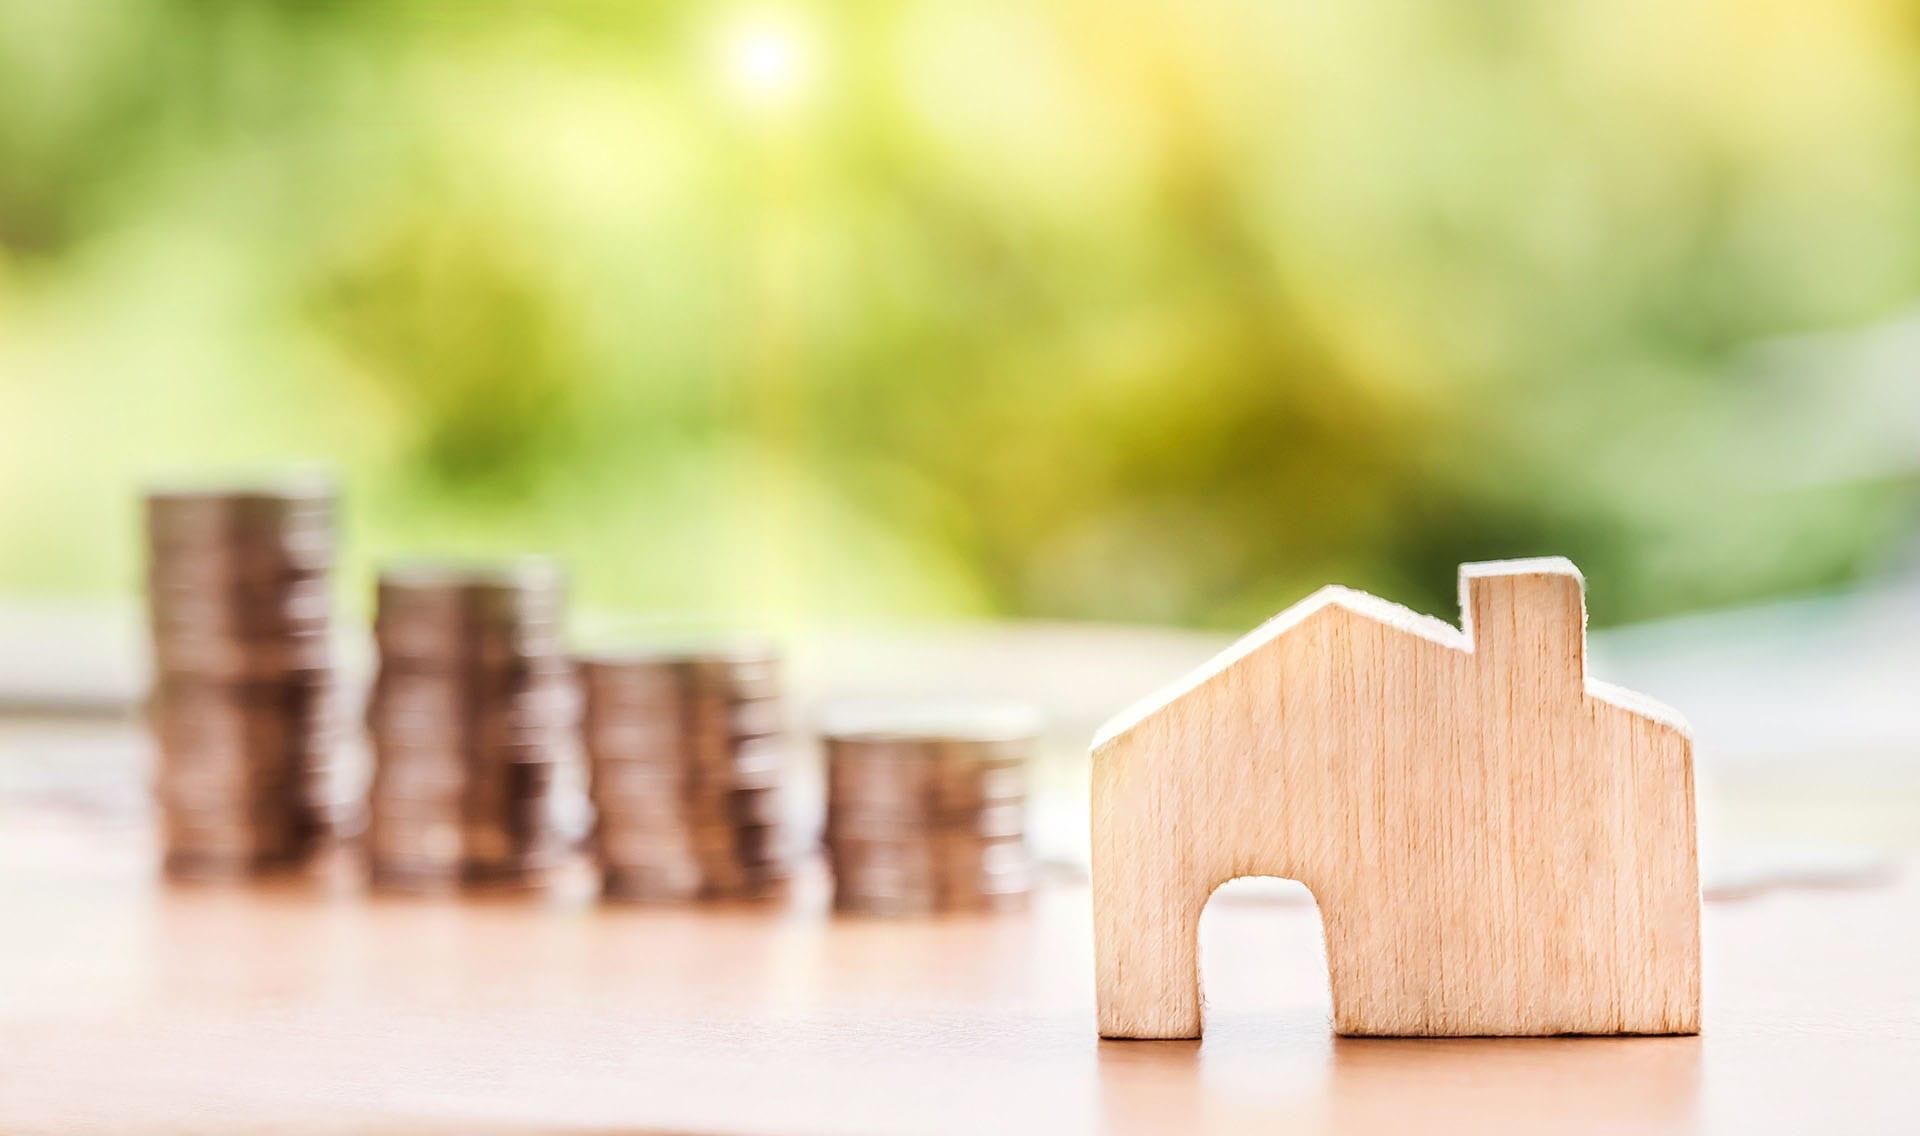 zabezpieczenie finansowej przyszłości dziecka